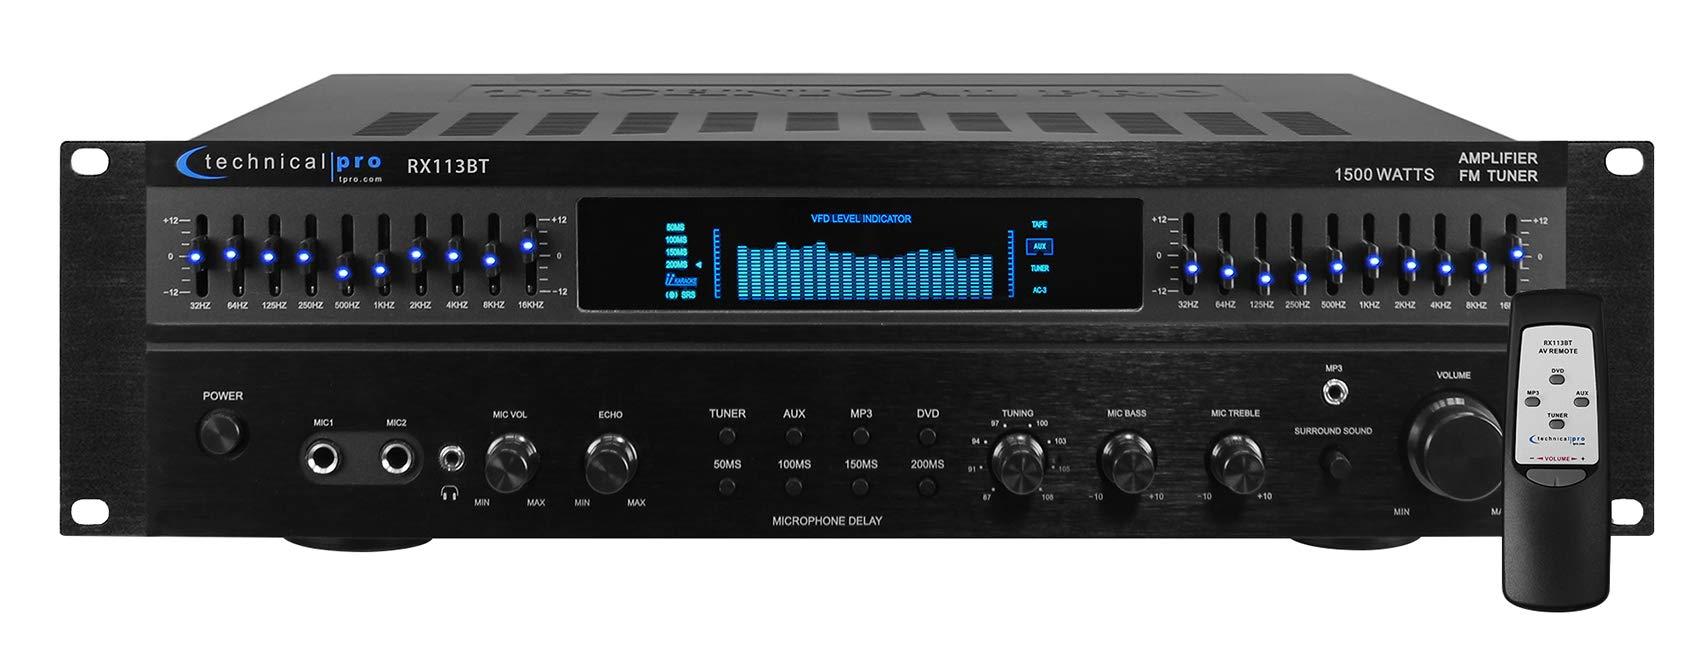 Technical Pro RX113BT Bluetooth Amplifier